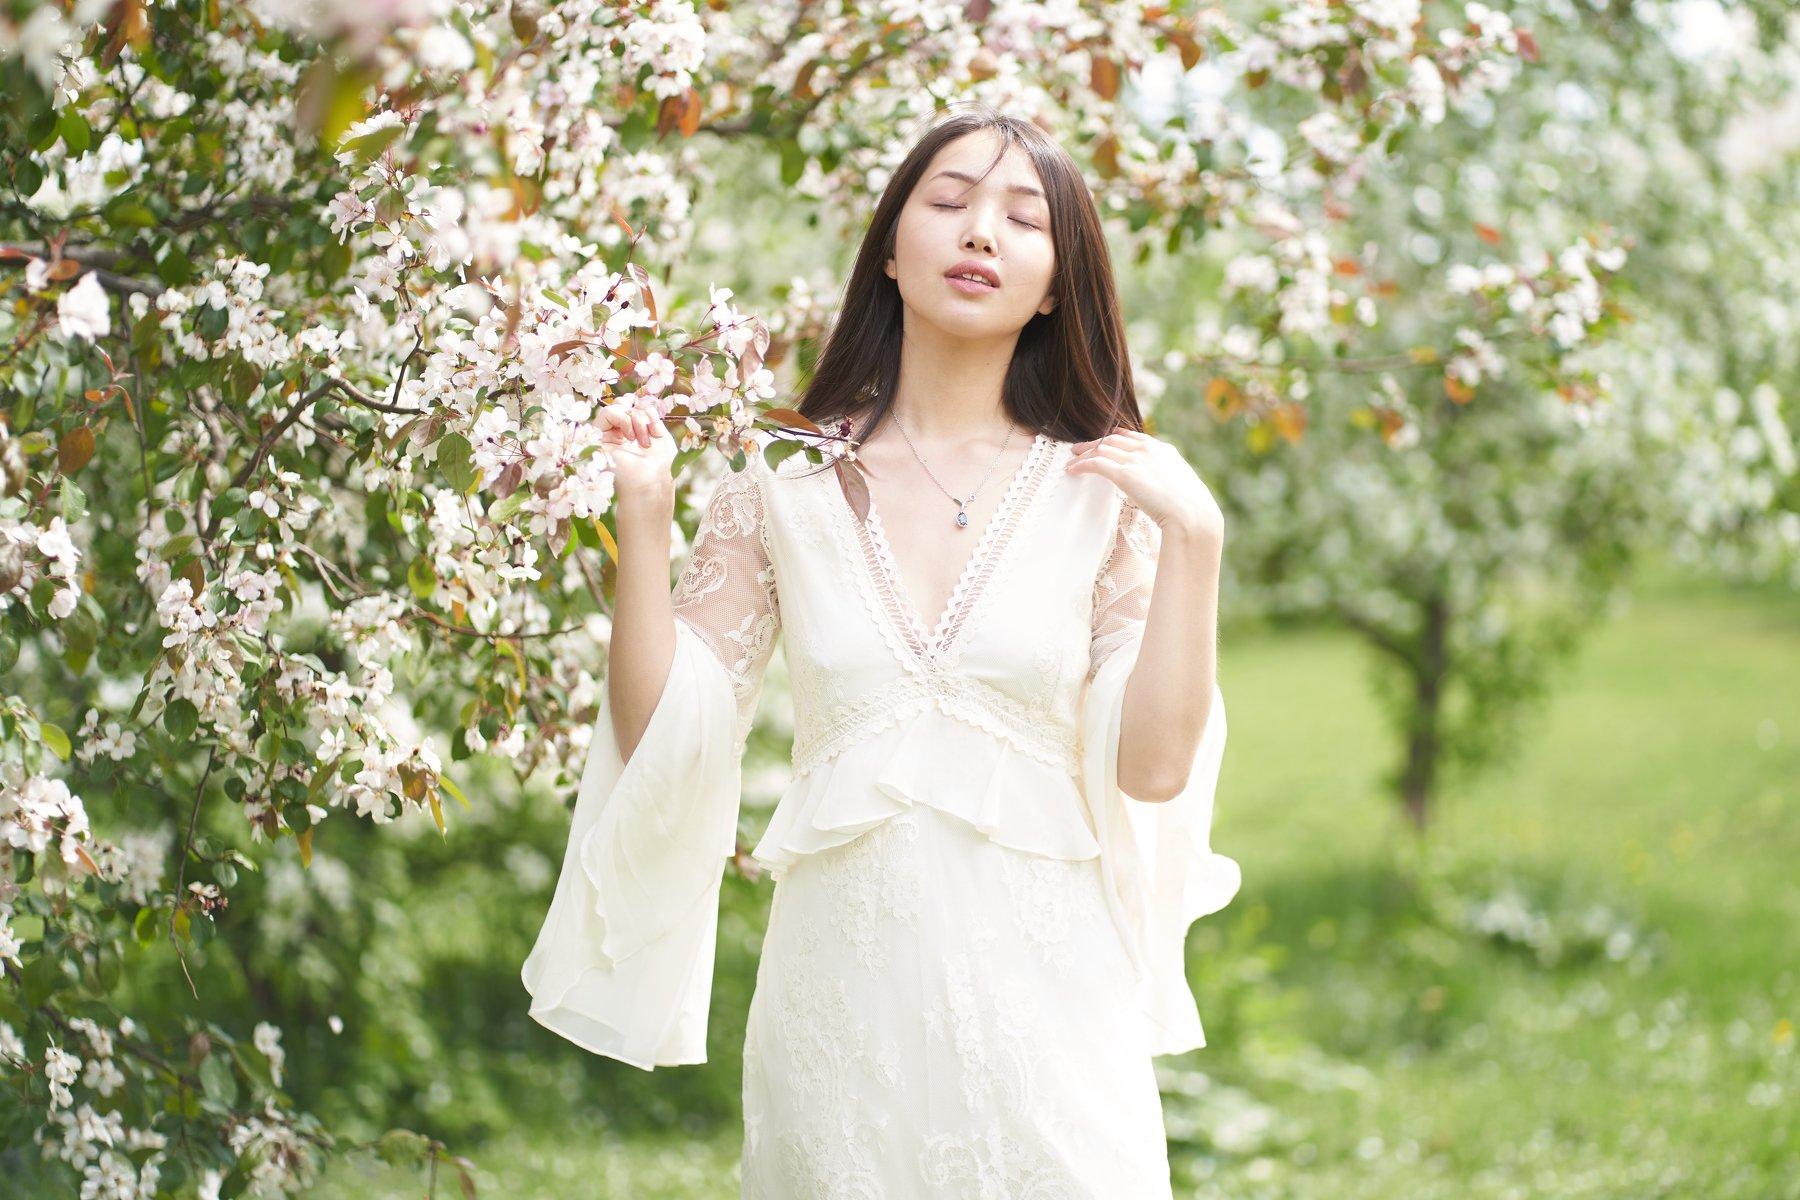 яблоня, весна, цветок, губы, розовый, глаза, Япония, сакура, девушка, Комарова Дарья